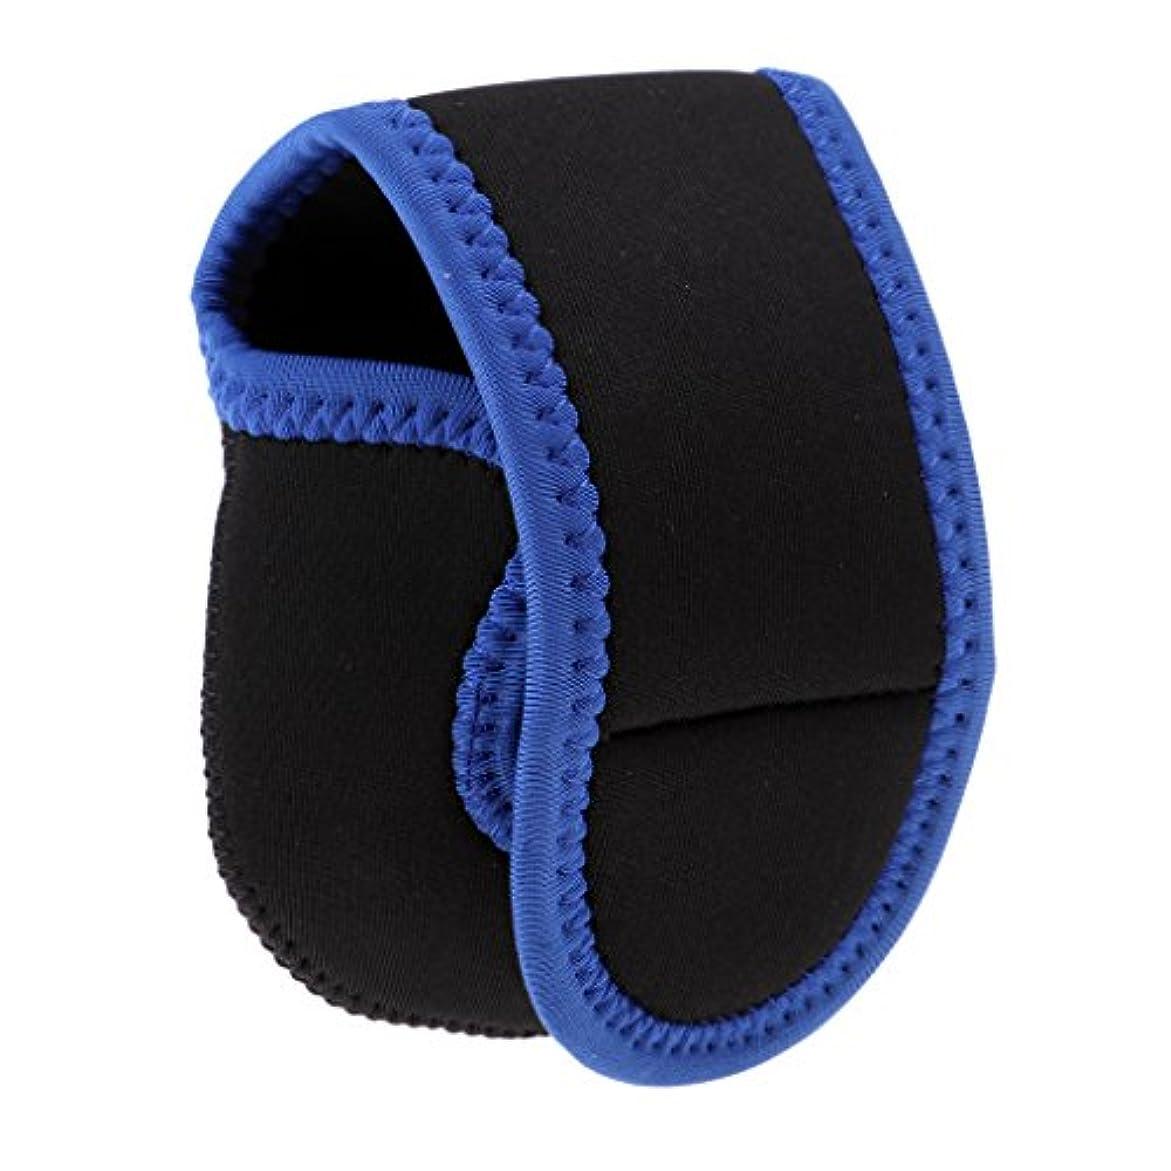 喜んで描く軽蔑Flameer リールバッグ ポーチ 保護ケース 軽量 青 ベイトキャスティングリールに適し 青